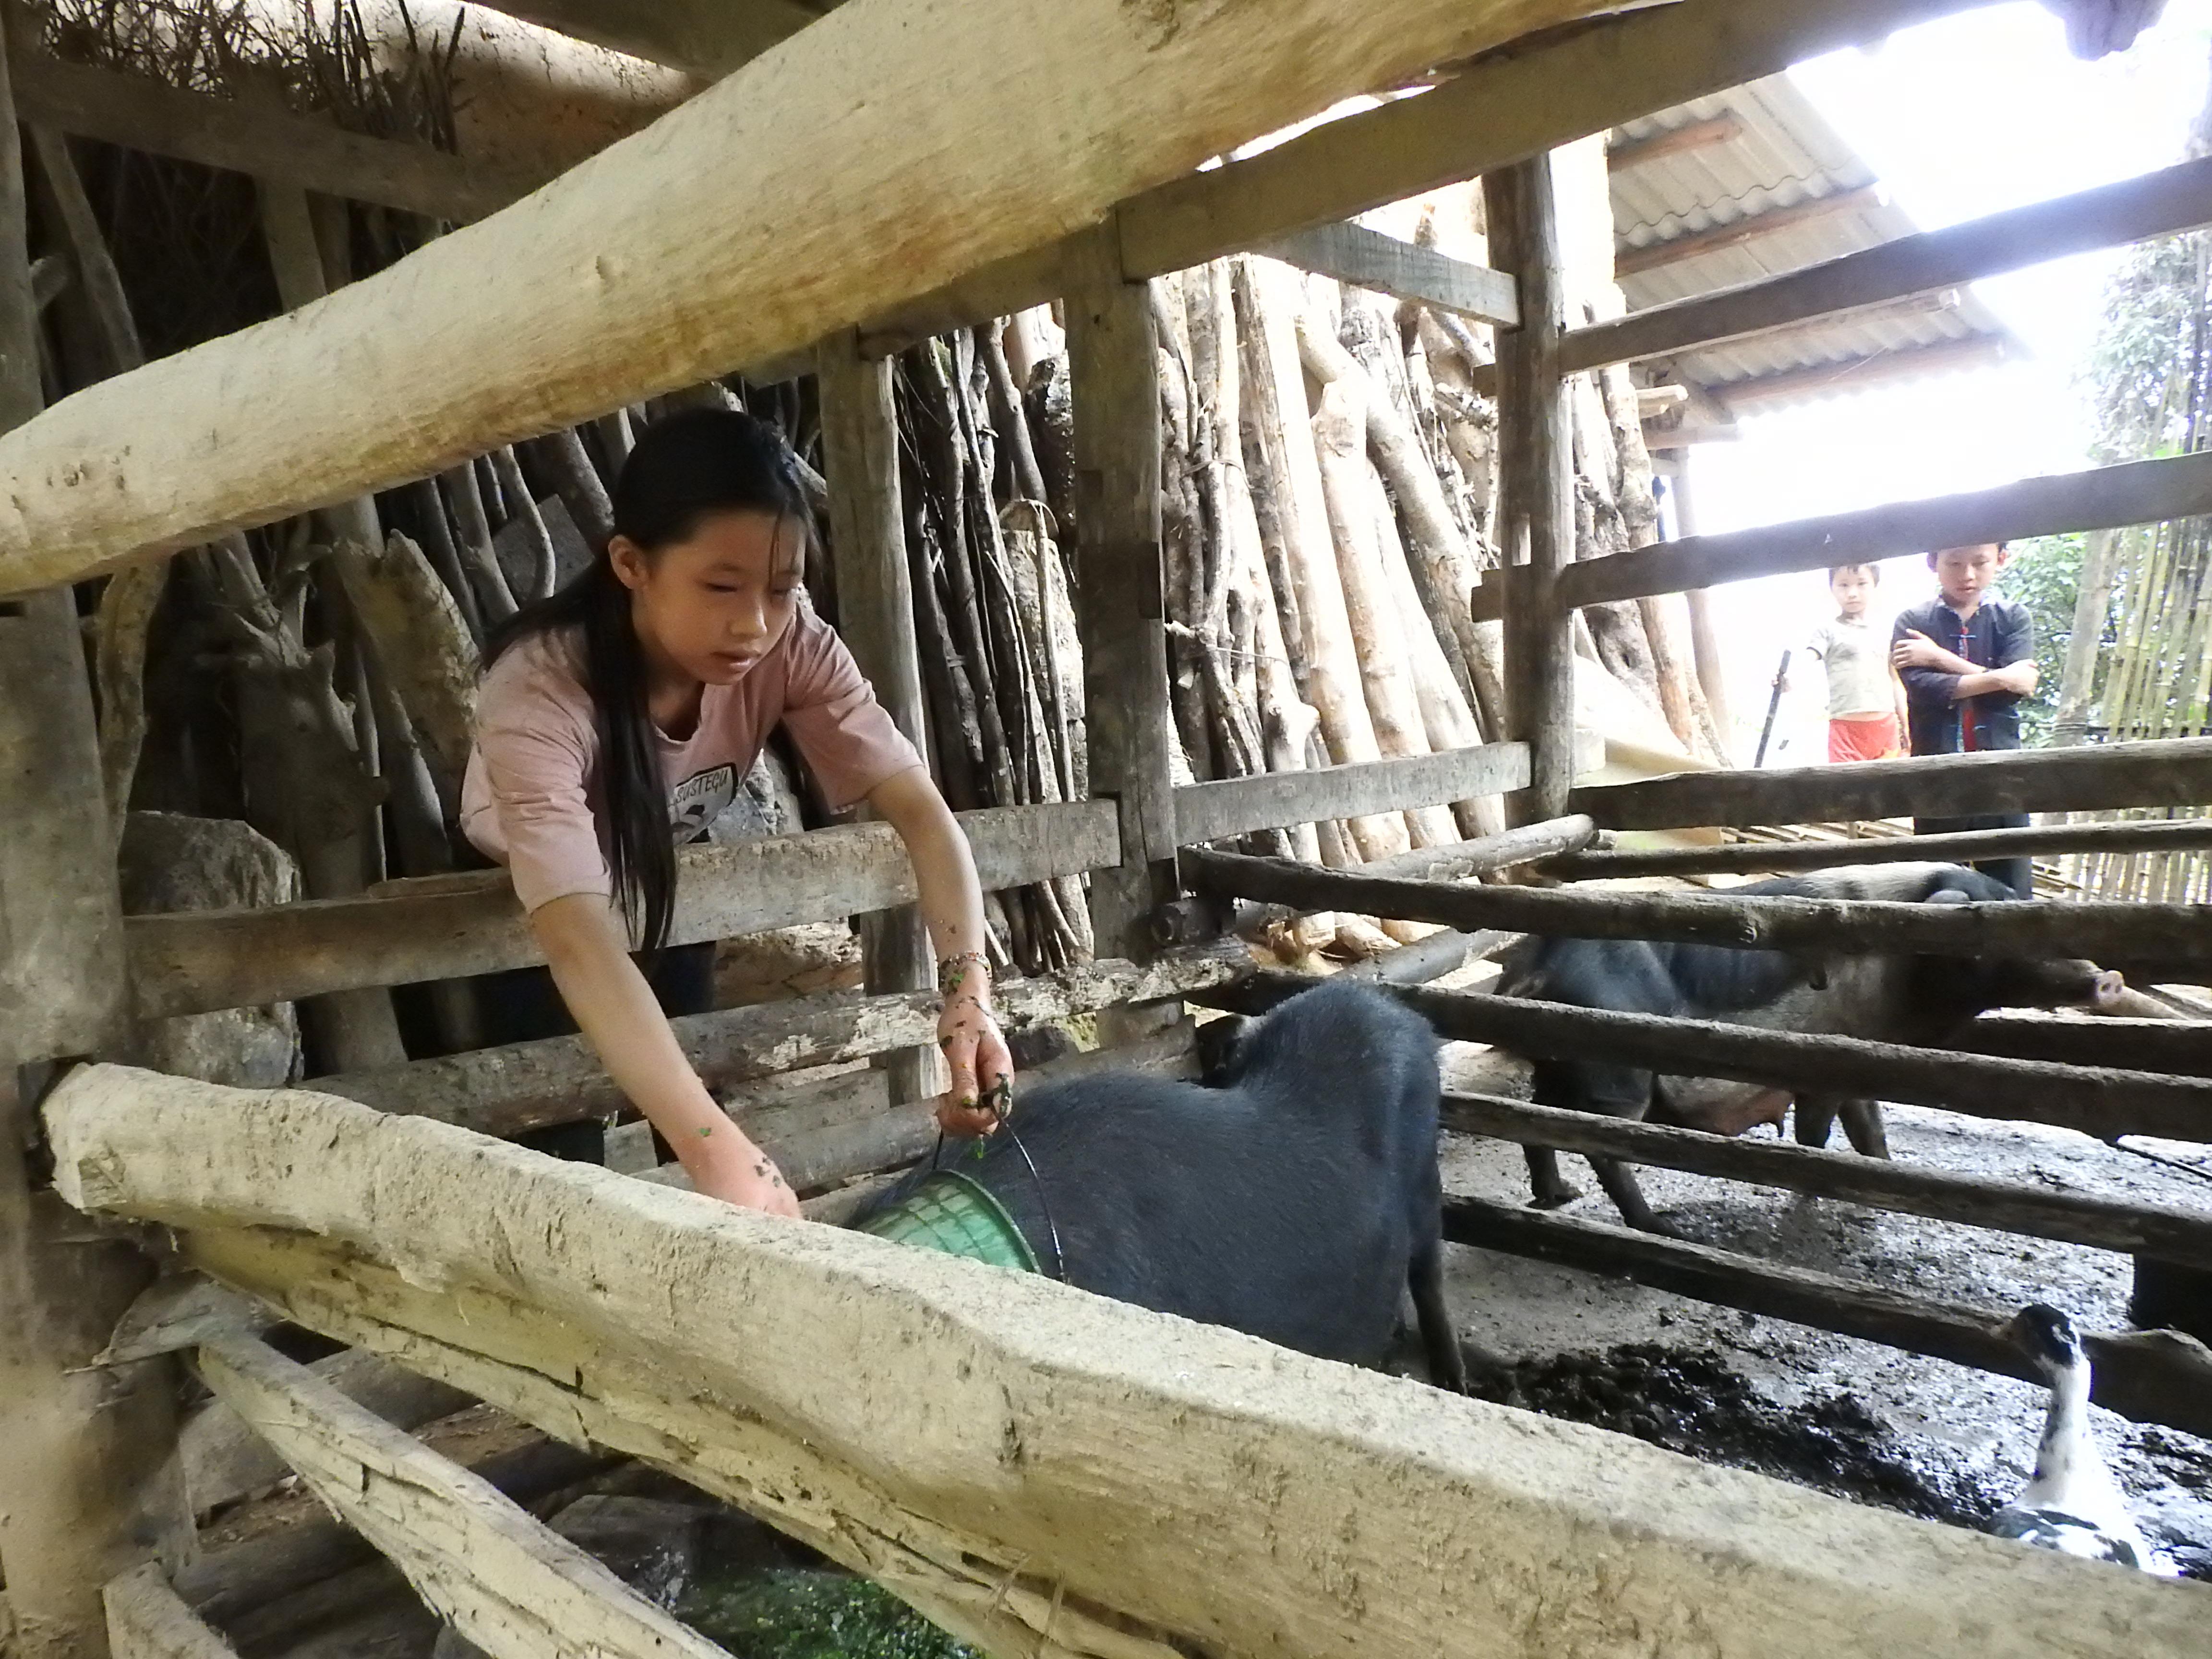 Ngoài những buổi học trên lớp, em Lý Thị Nhật còn phải làm nhiều việc trong gia đình.